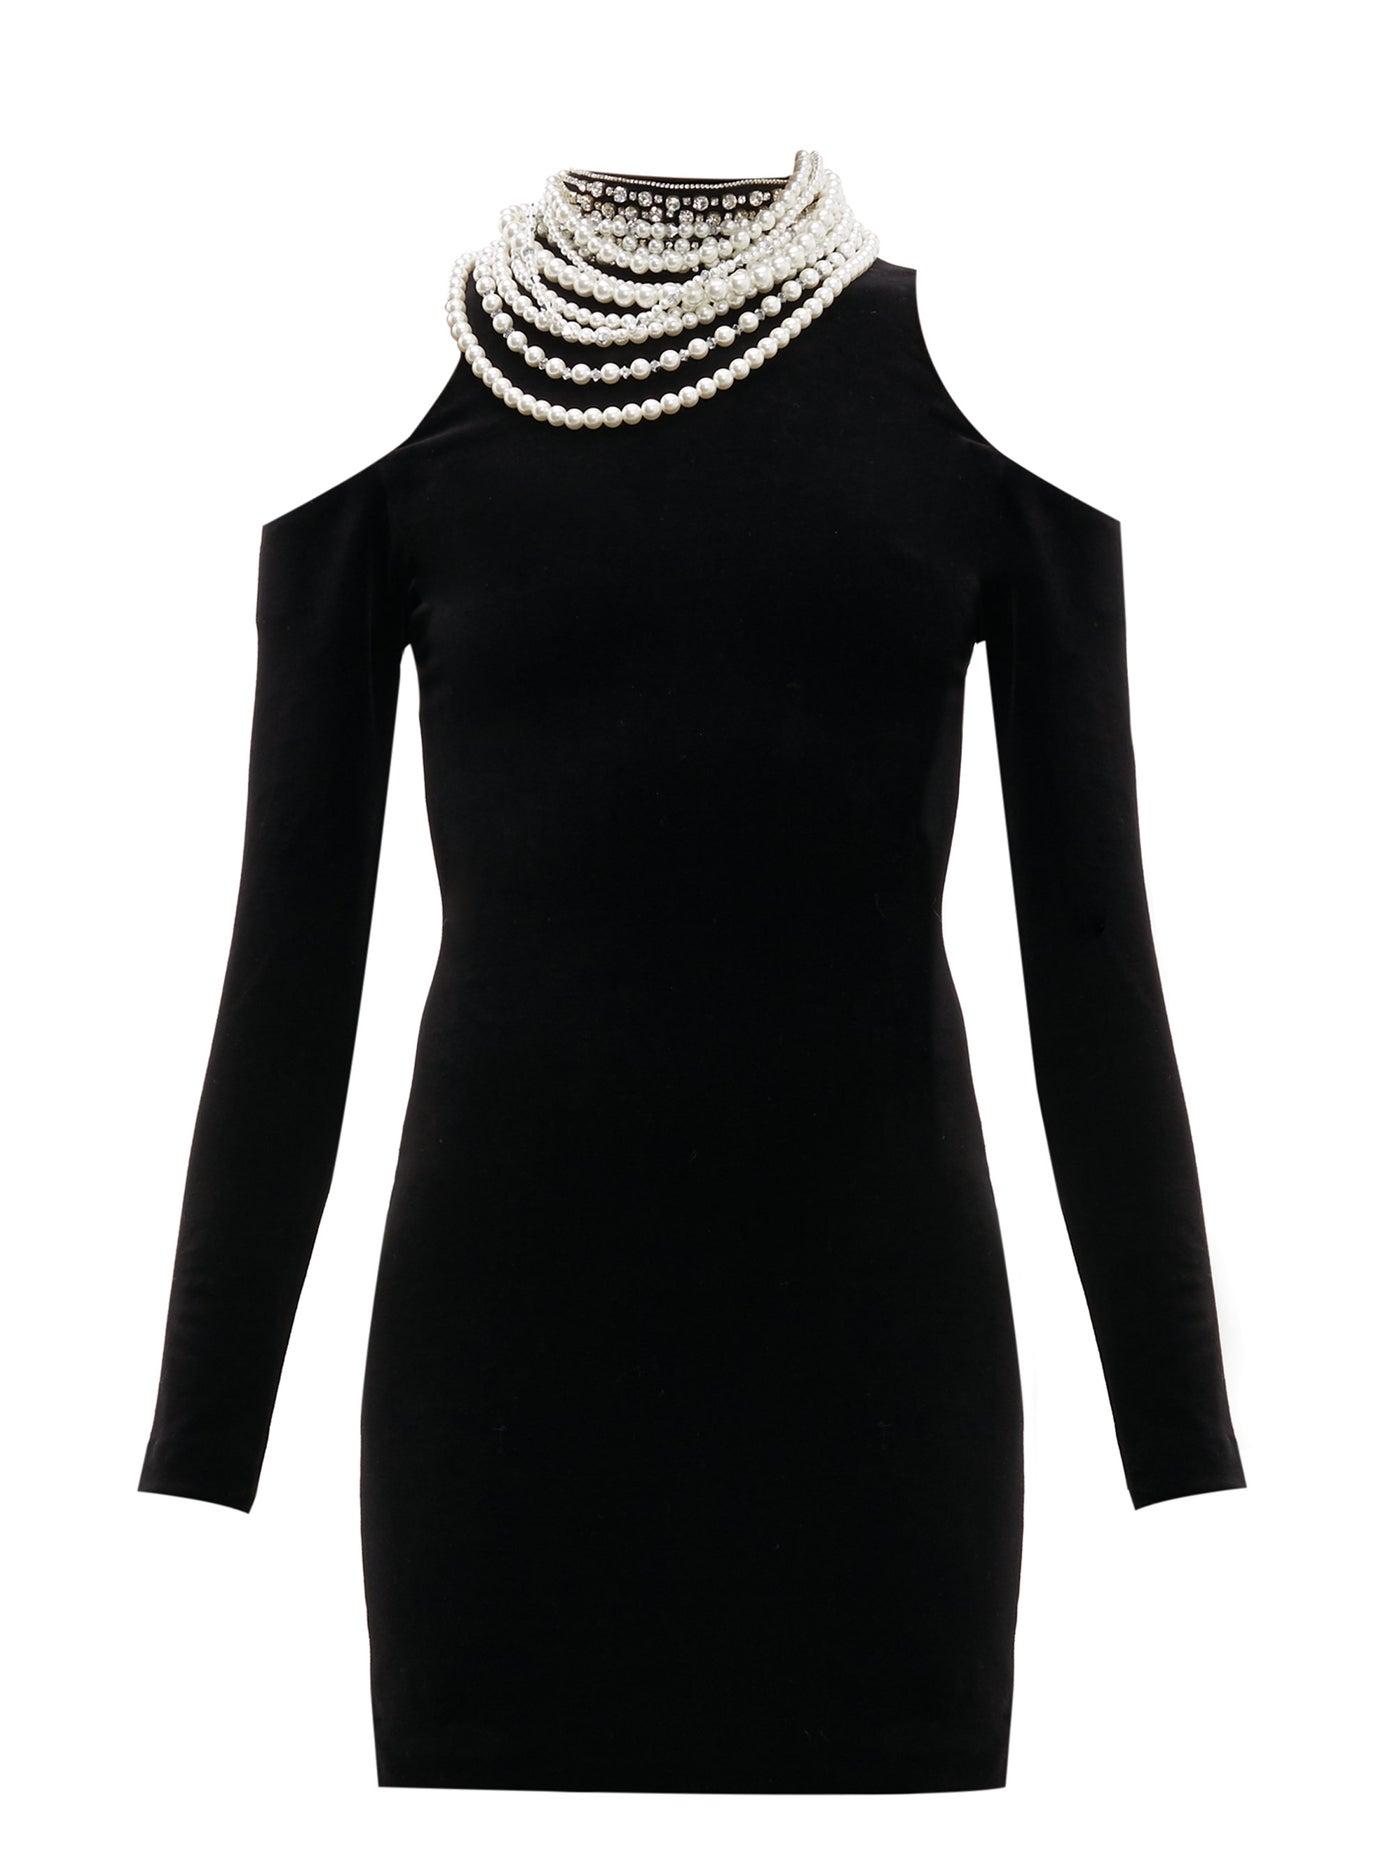 balmain cold shoulder embellished dress